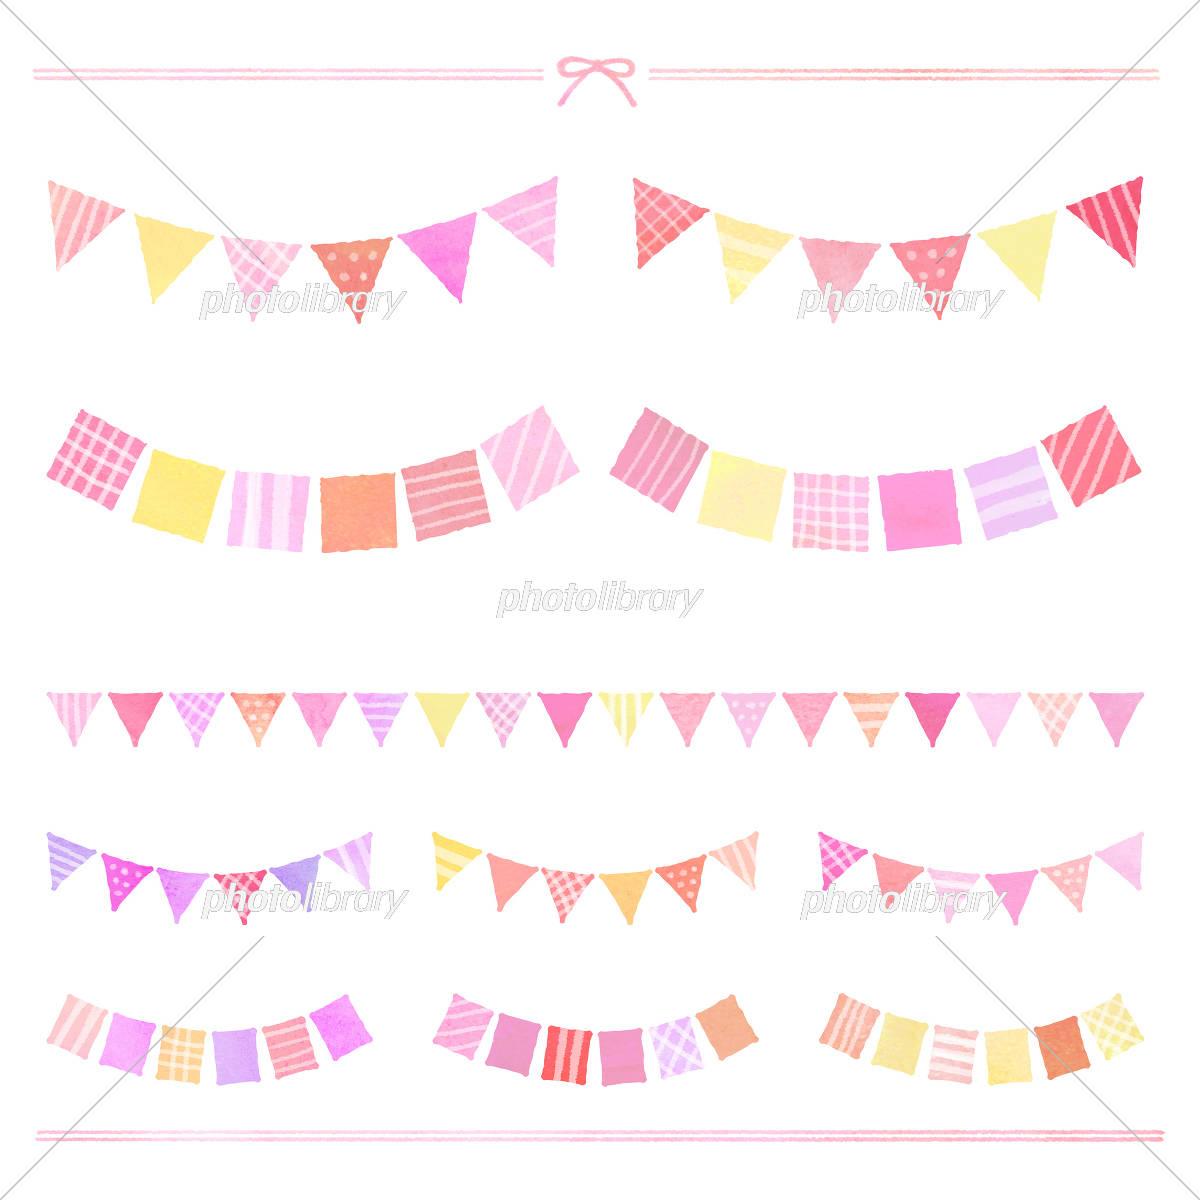 ガーランド 水彩風 ピンク イラスト素材 5180901 フォトライブ